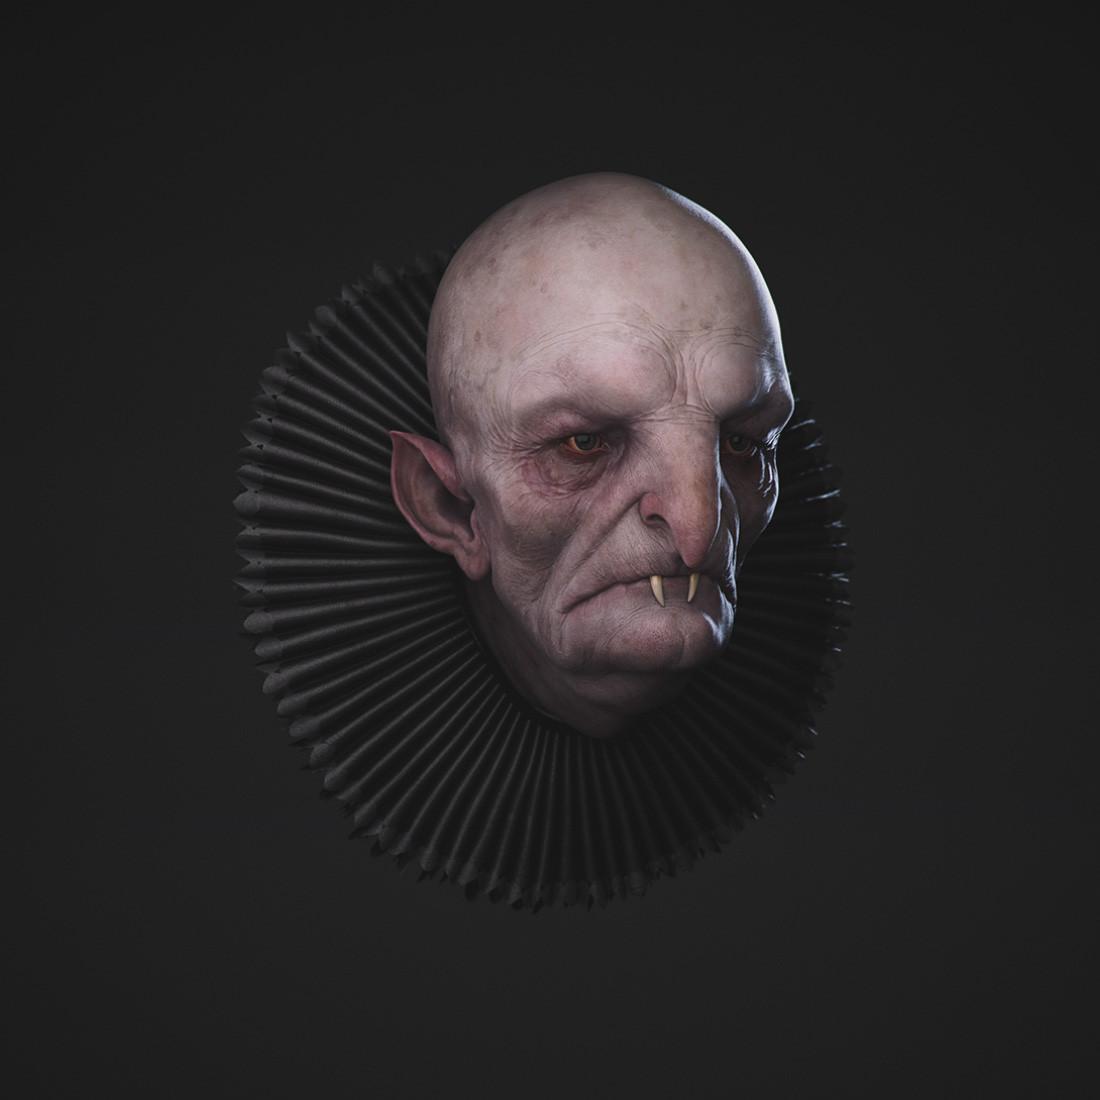 Martin nikolov vampy02